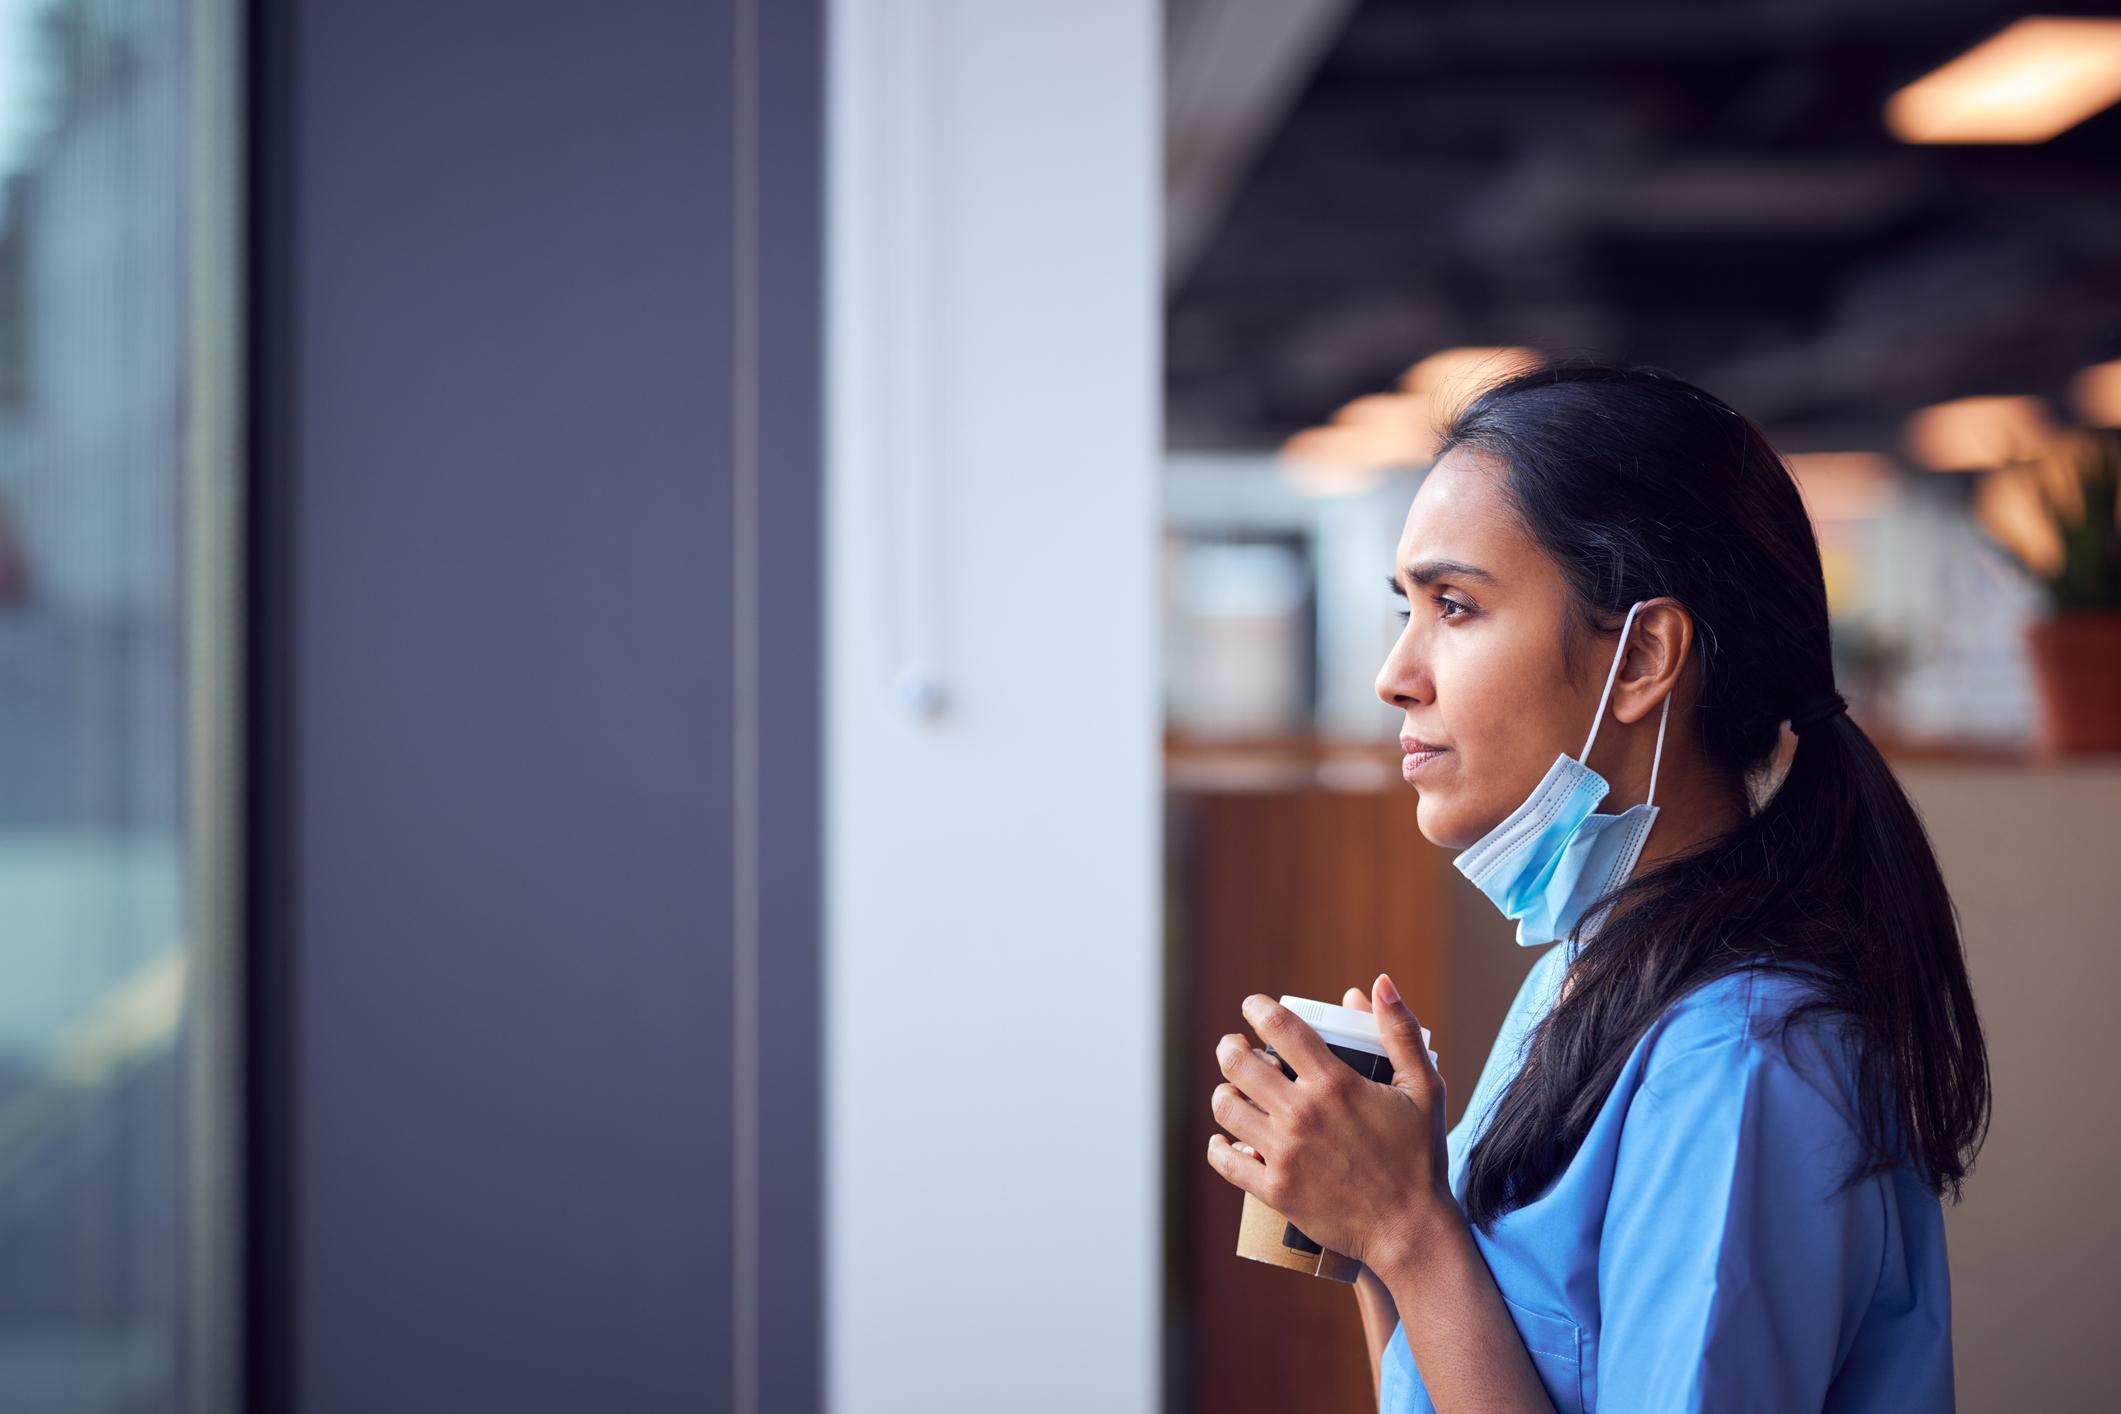 Nurse gazing through a window